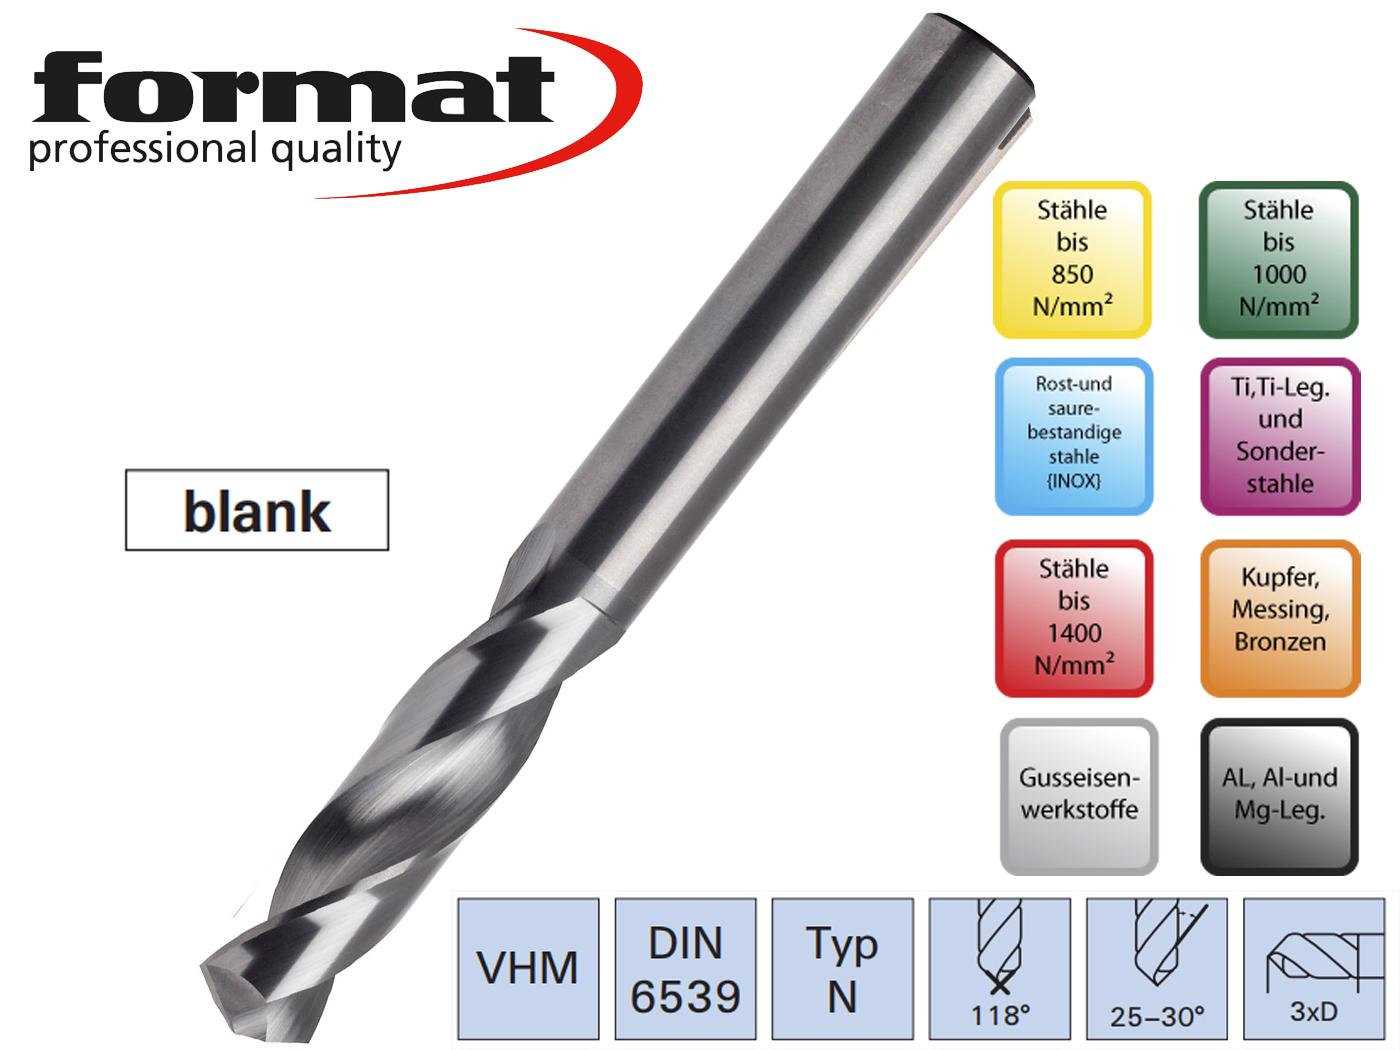 Spiraalboor VHM DIN 6539 N VHM blank | DKMTools - DKM Tools